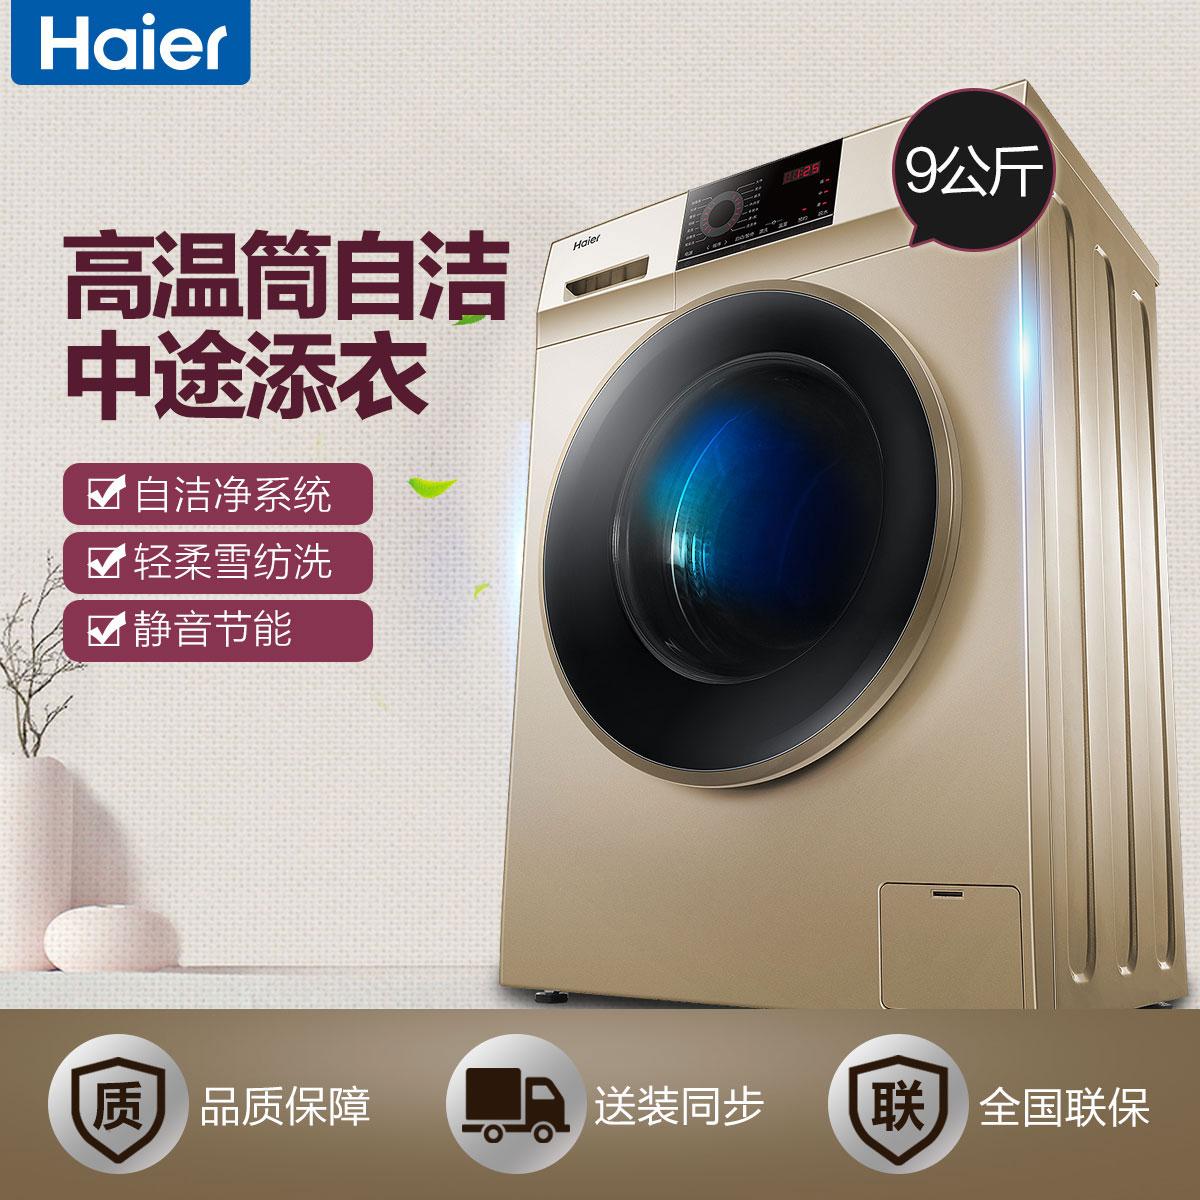 海尔9公斤变频滚筒 BLDC变频电机静音节能 自洁净系统 ATM防菌 简约智控面板美观防尘 洁净更护衣 XQG90-B816G